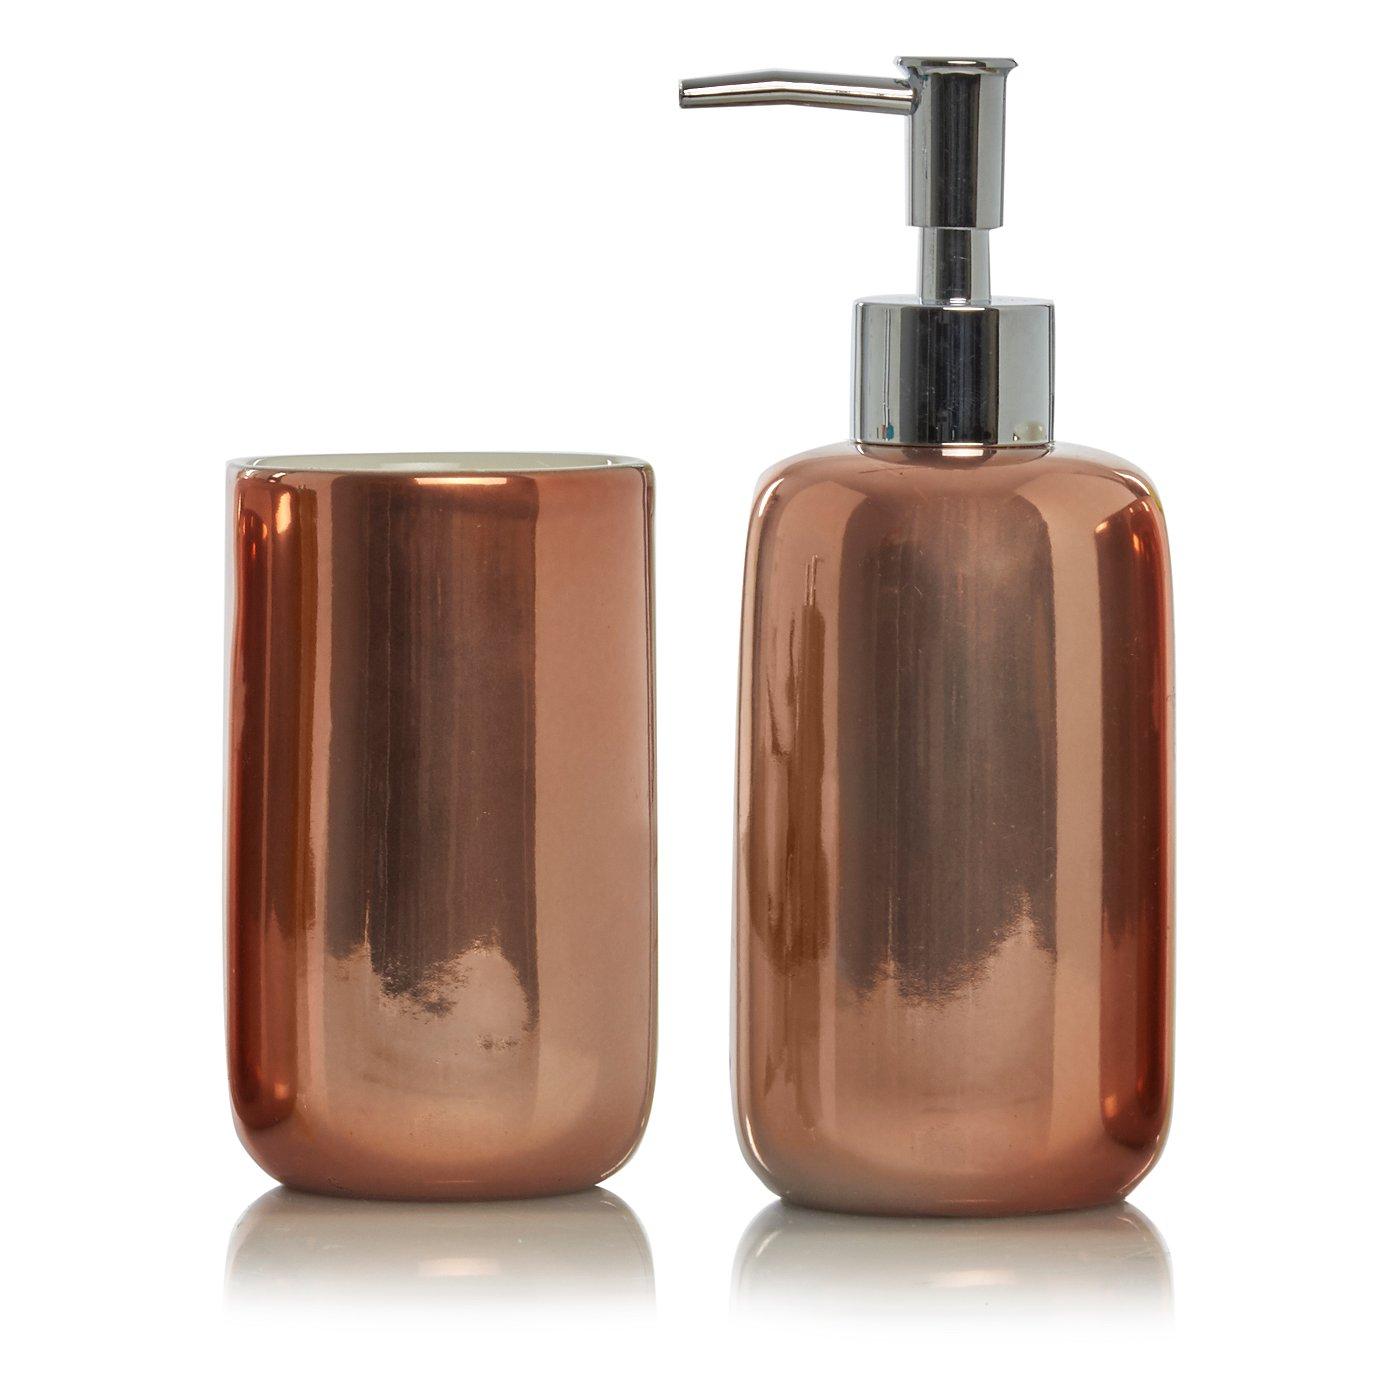 Cheap purple bathroom accessories - Copper Bath Accessories Range